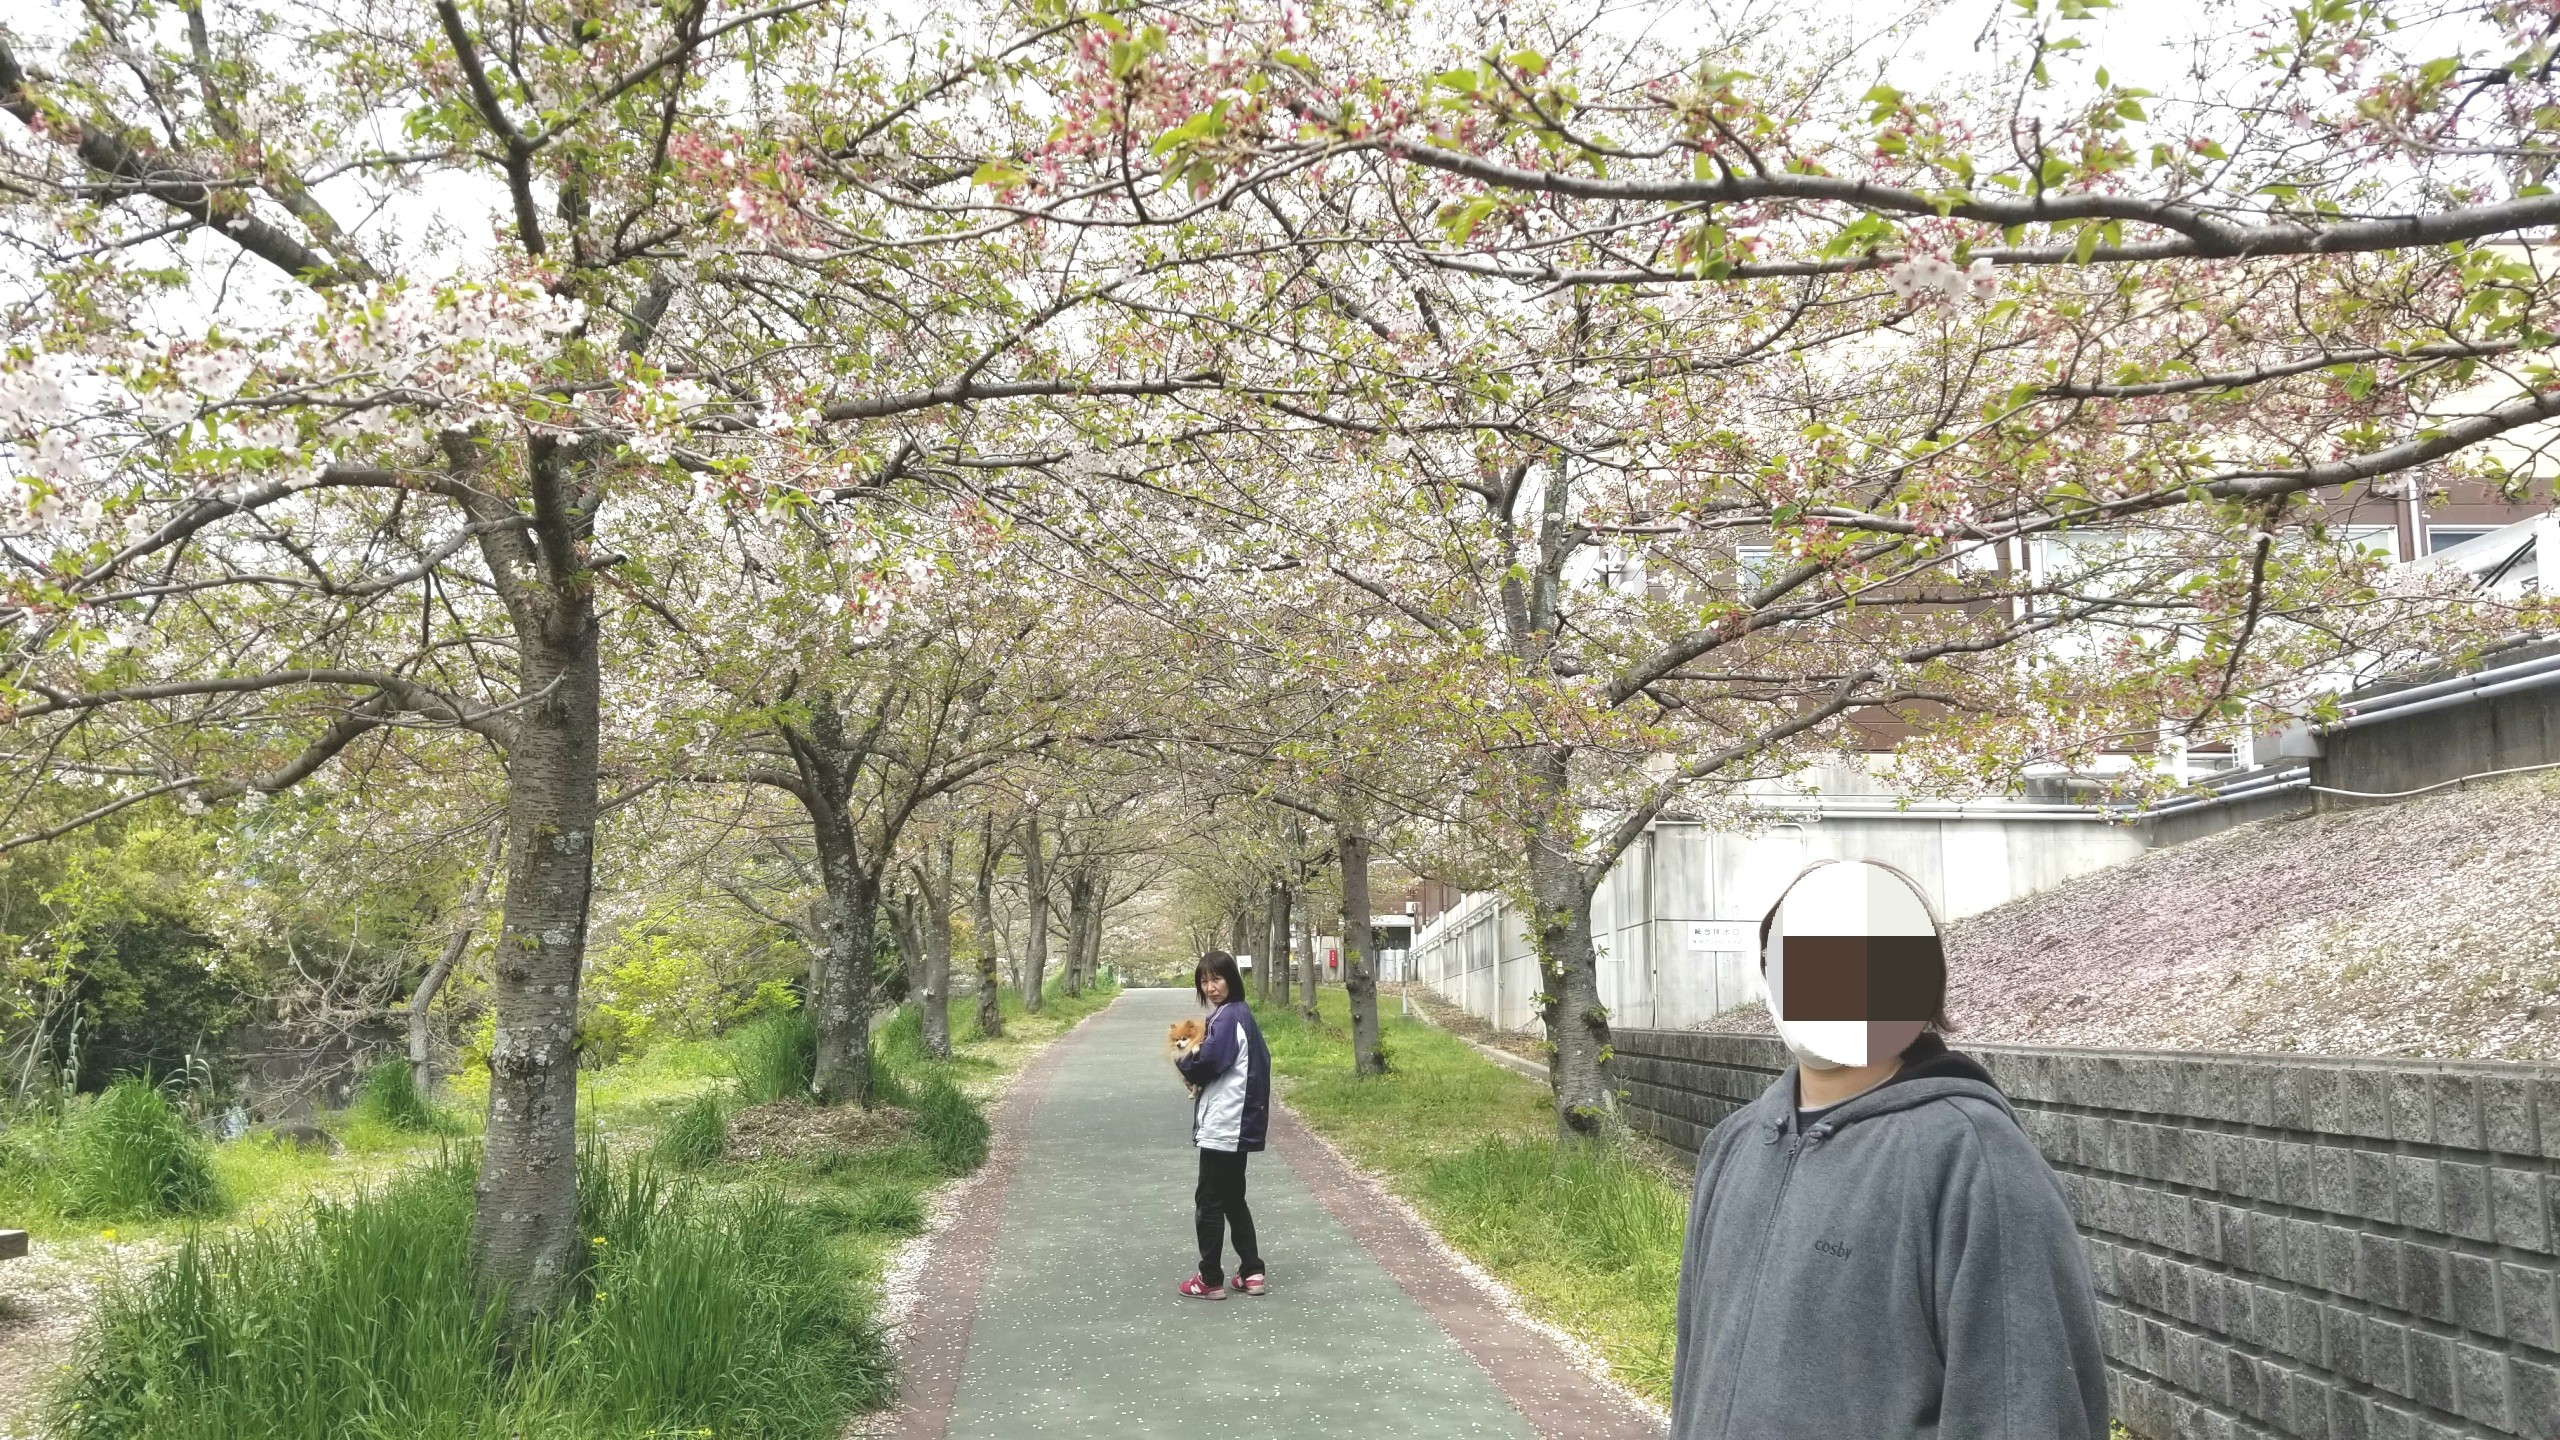 おばいとこお花見,桜並木咲く時期遅かった,綺麗満開,ポメラニアン